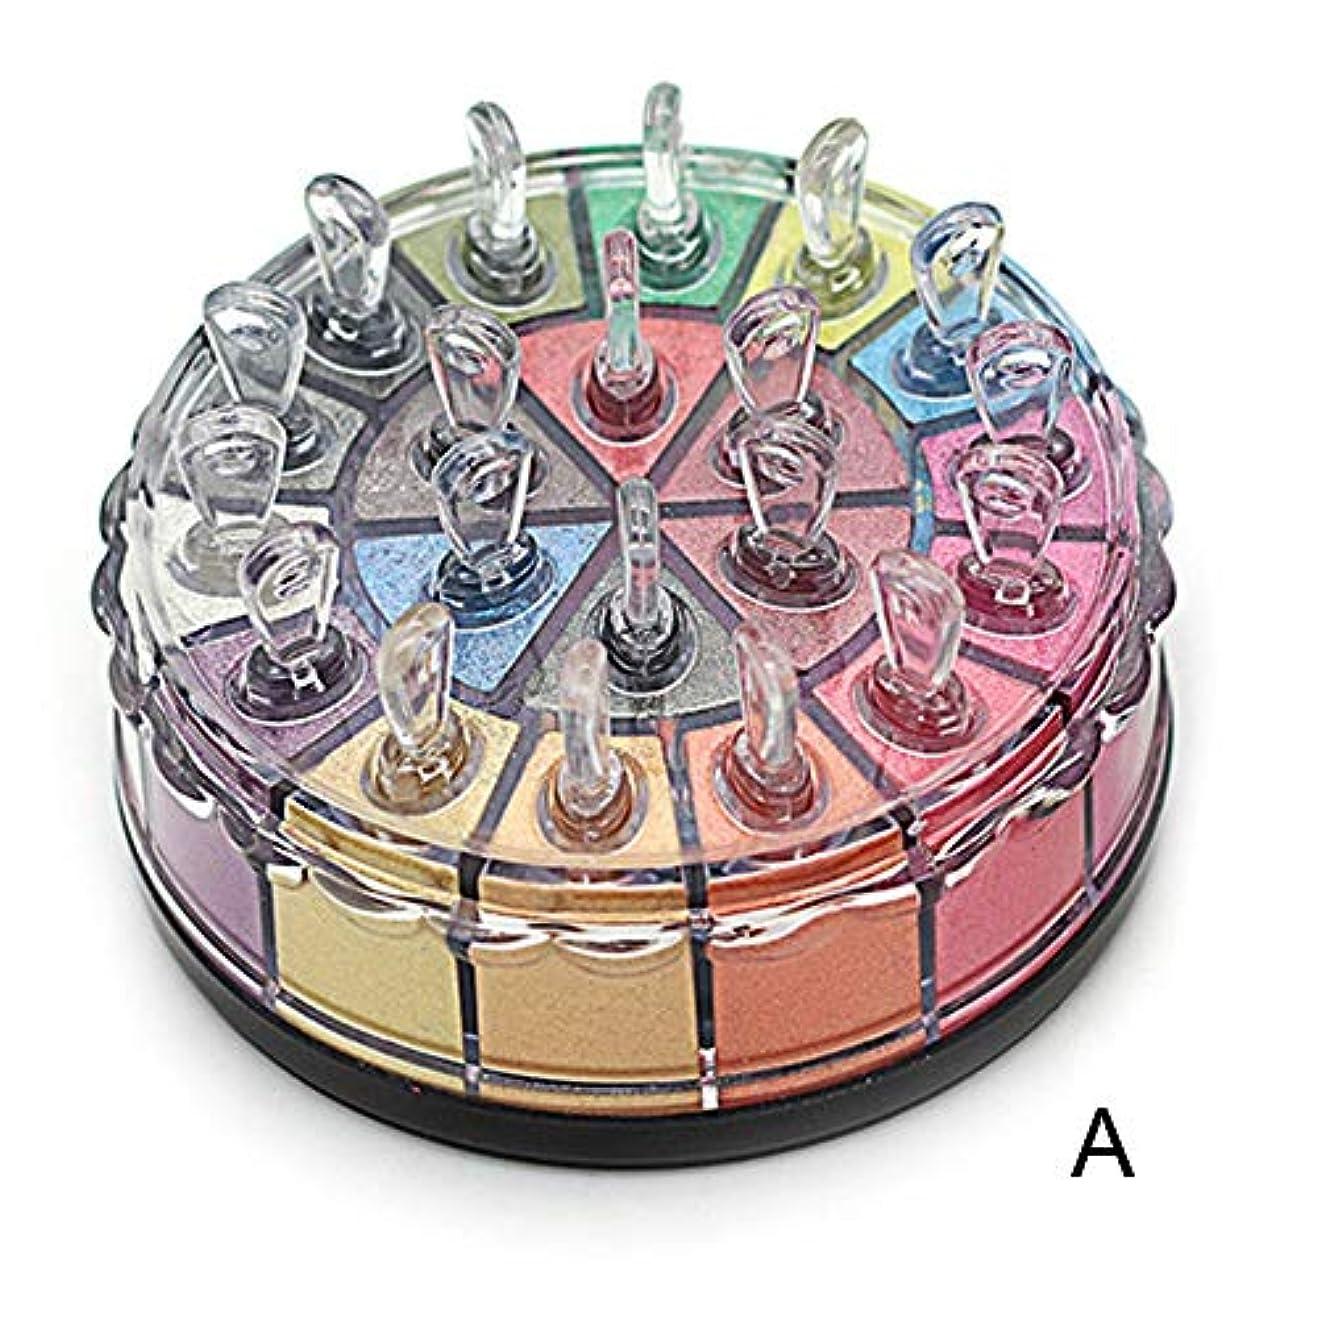 戦う許す最後の1個20色アイシャドウパレットmaquiagemシマーキラキラアイシャドウパウダーパレットマットアイシャドウ化粧品メイクアップキット (Color : A)